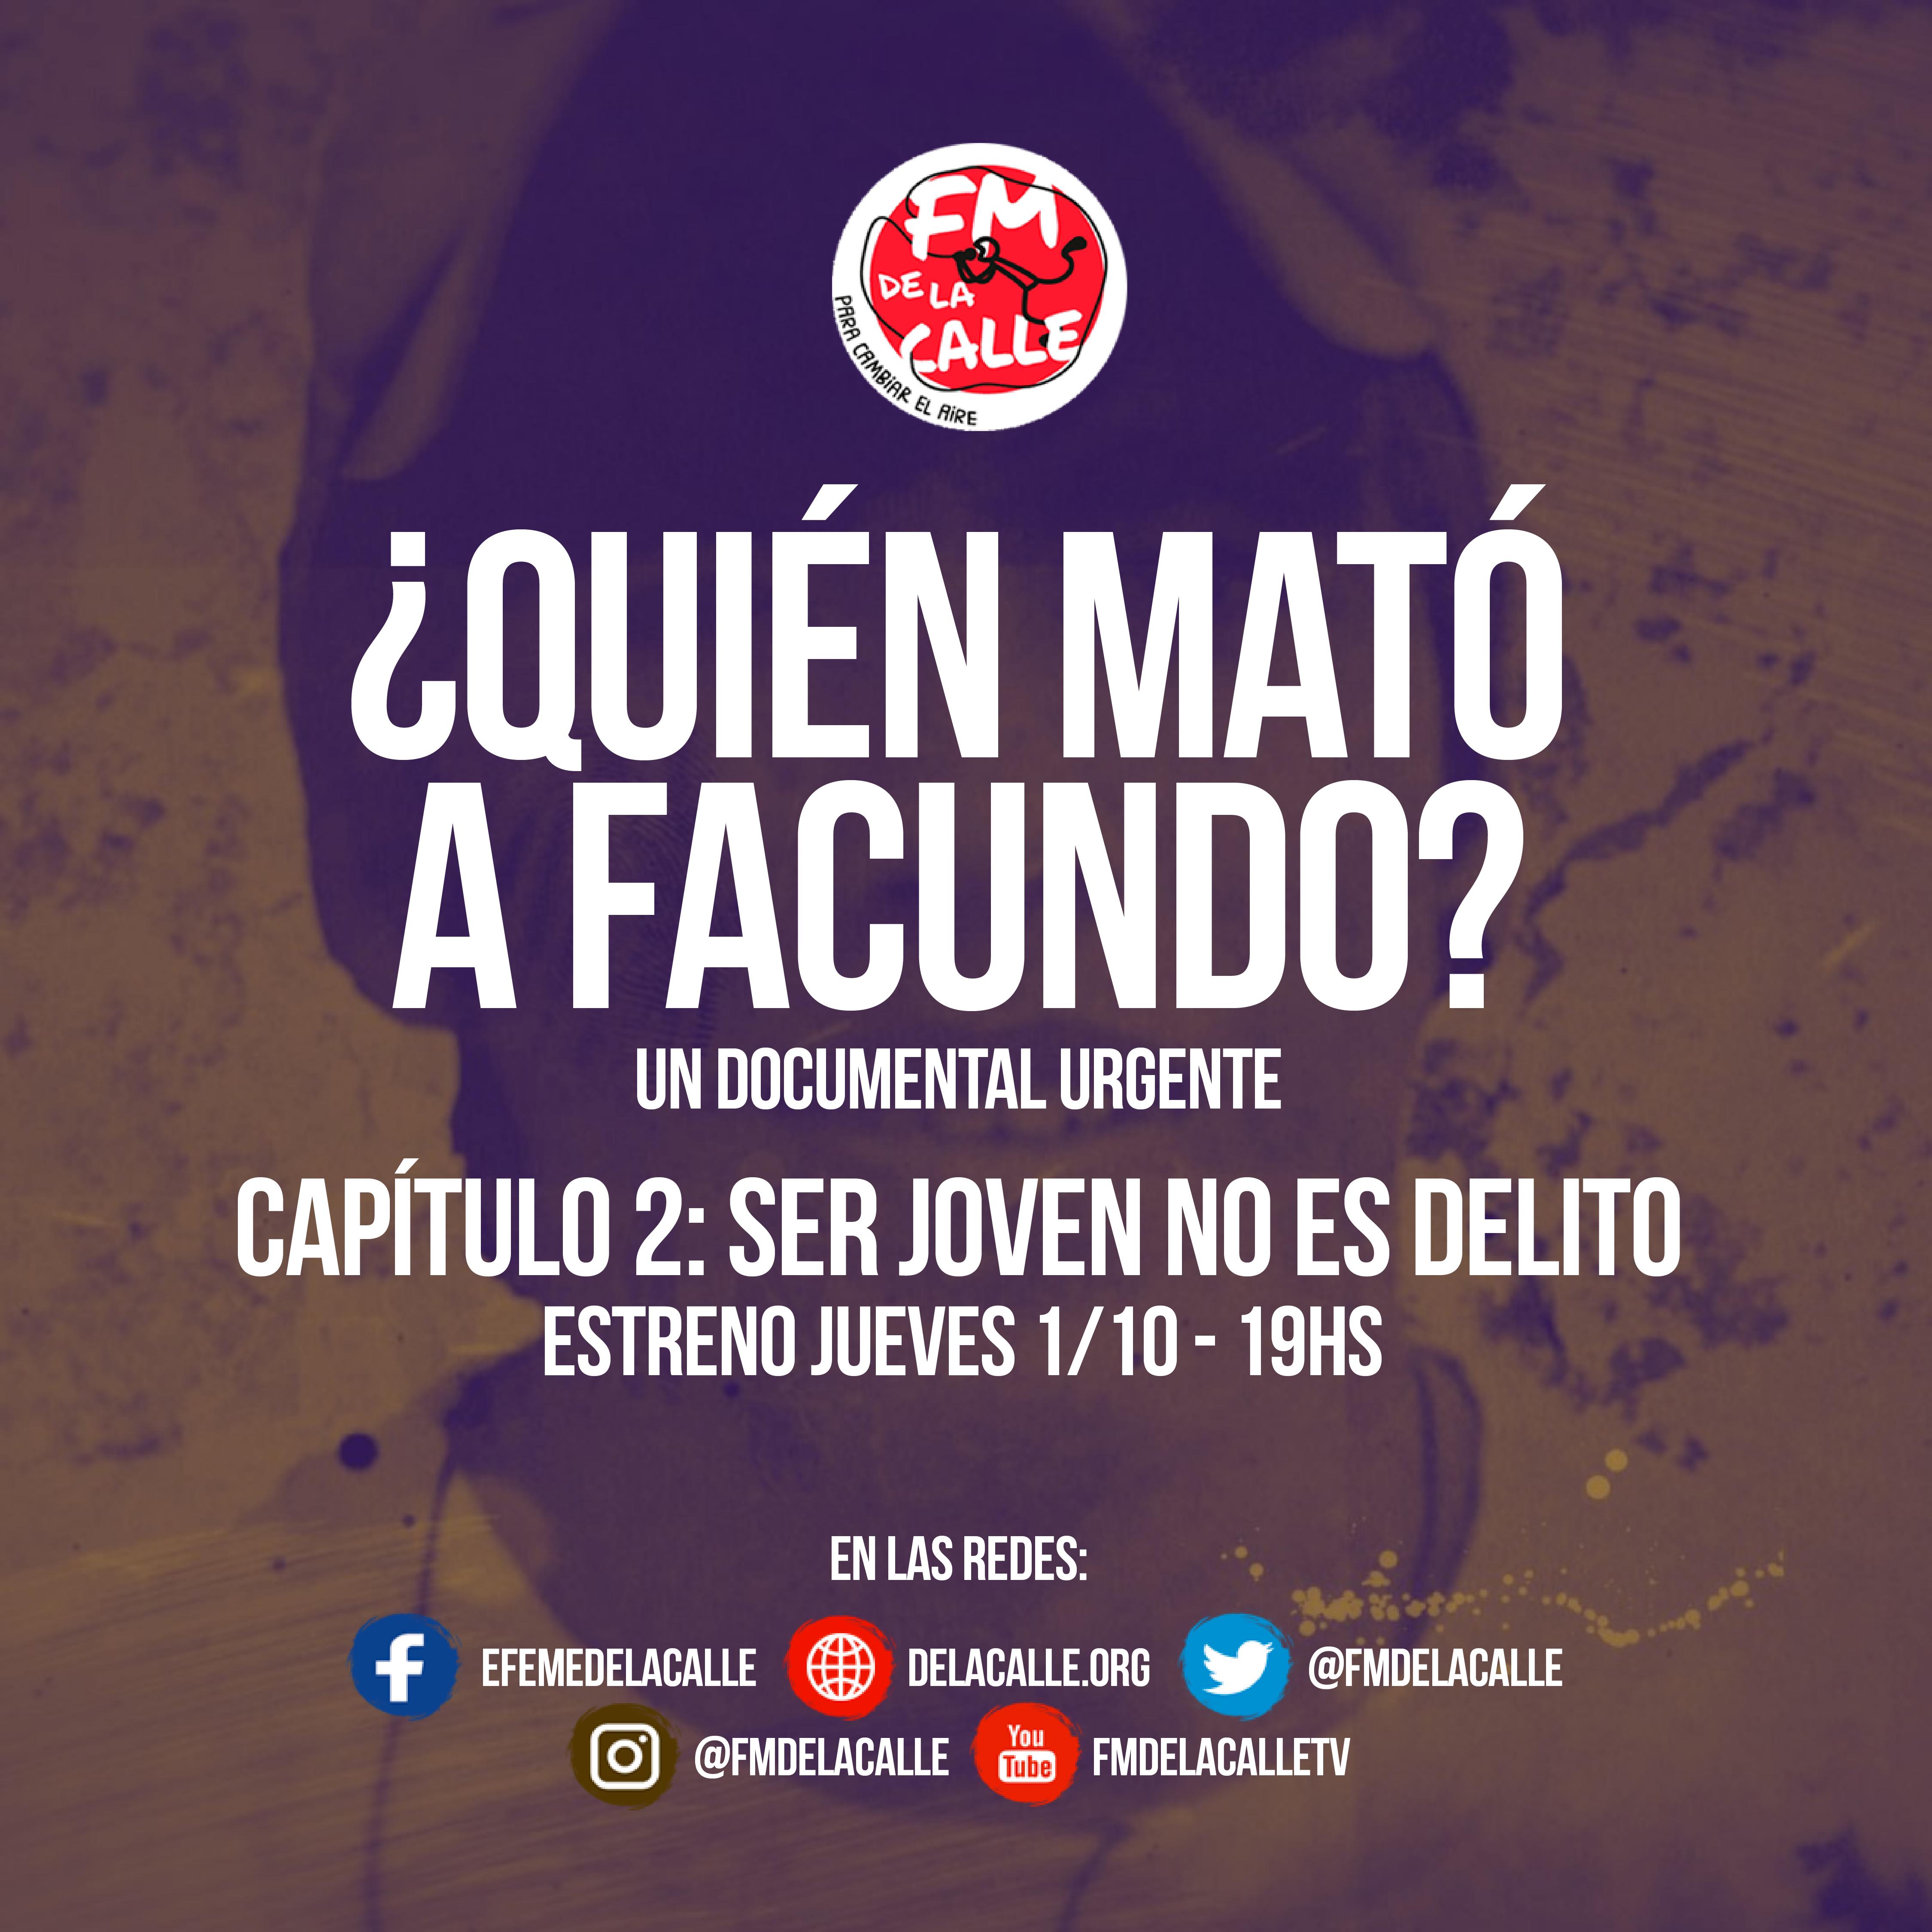 ¿Quién mató a Facundo? Un documental urgente  en tiempo real